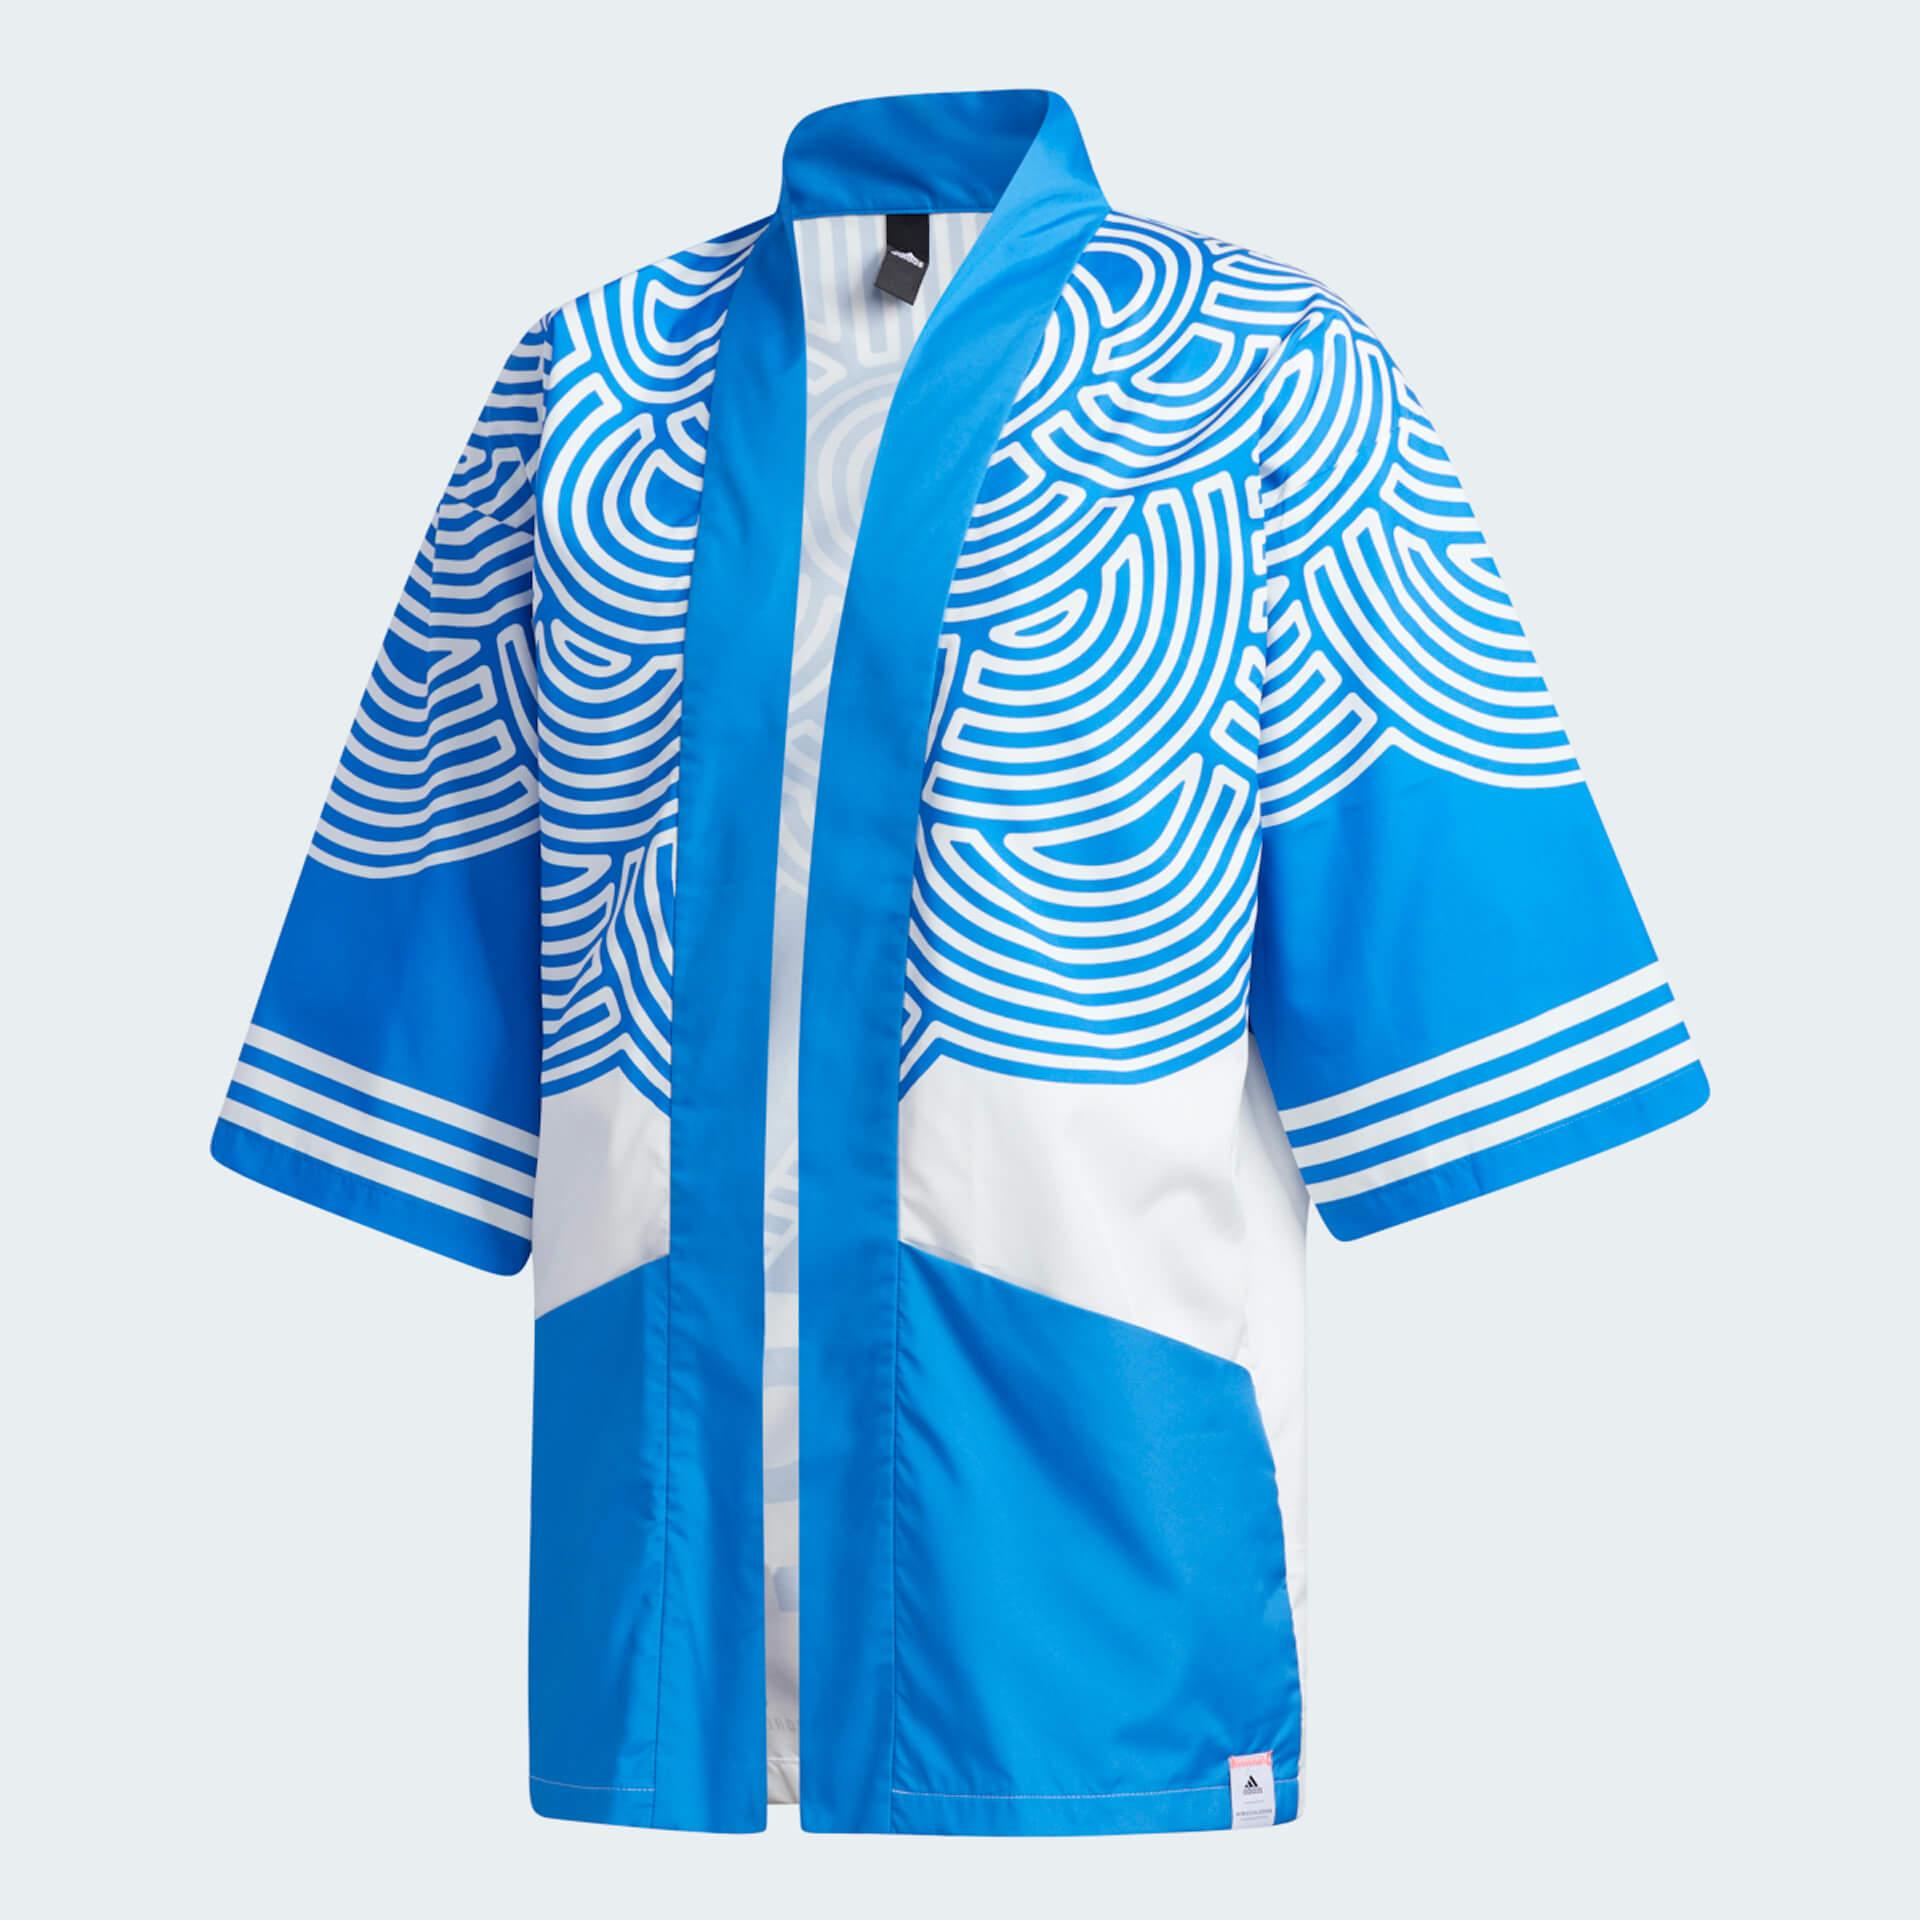 アディダス初の法被ジャケットと浴衣ジャケットが登場!高橋理子とのコラボコレクション『HIROKO TAKAHASHI COLLECTION』が販売開始 music210611_adidas12